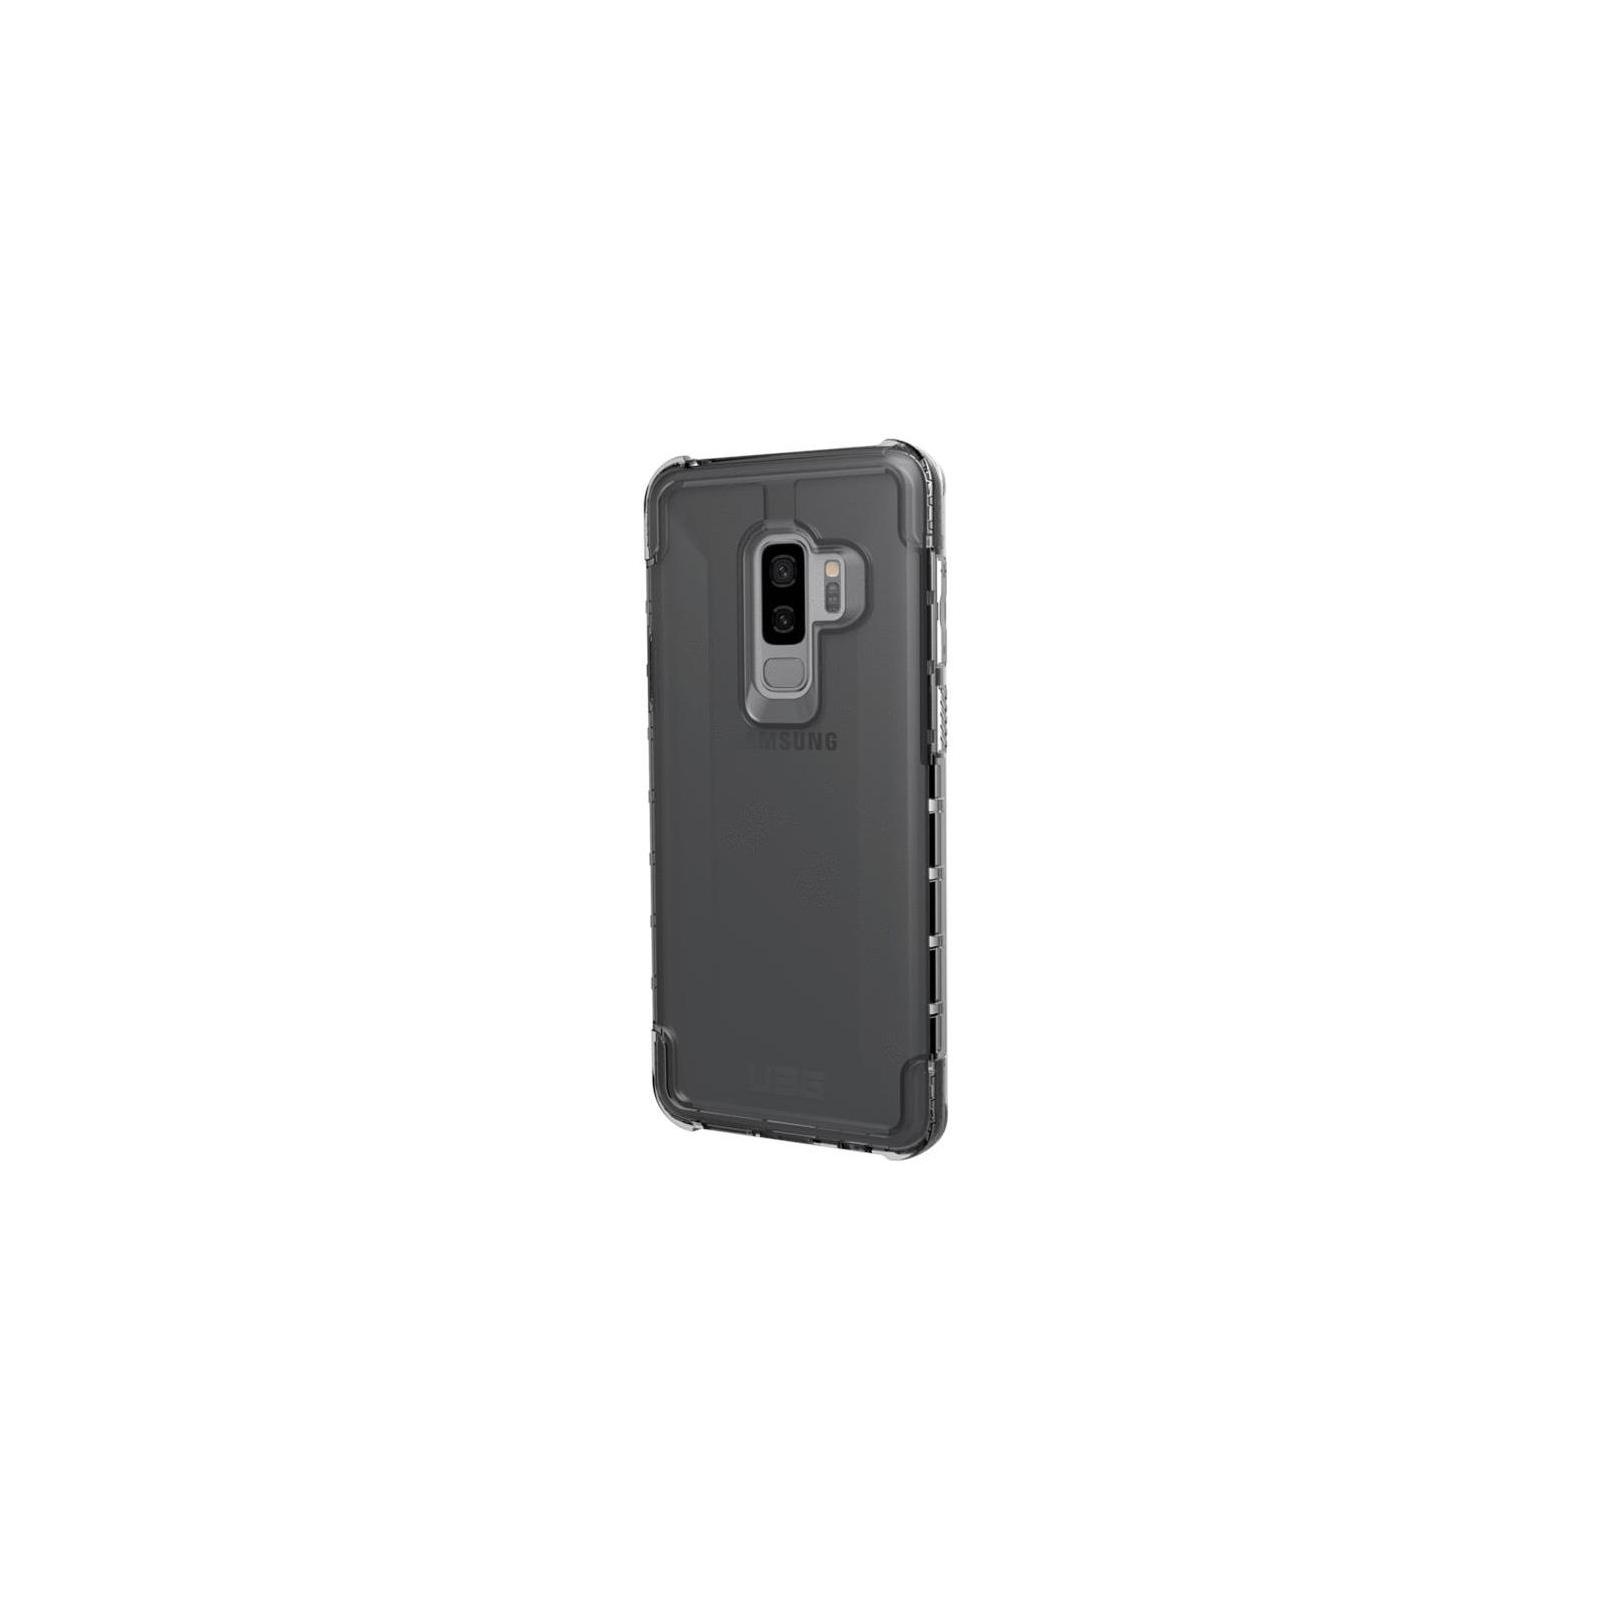 Чехол для моб. телефона Uag Galaxy S9+ Plyo Ash (GLXS9PLS-Y-AS) изображение 3